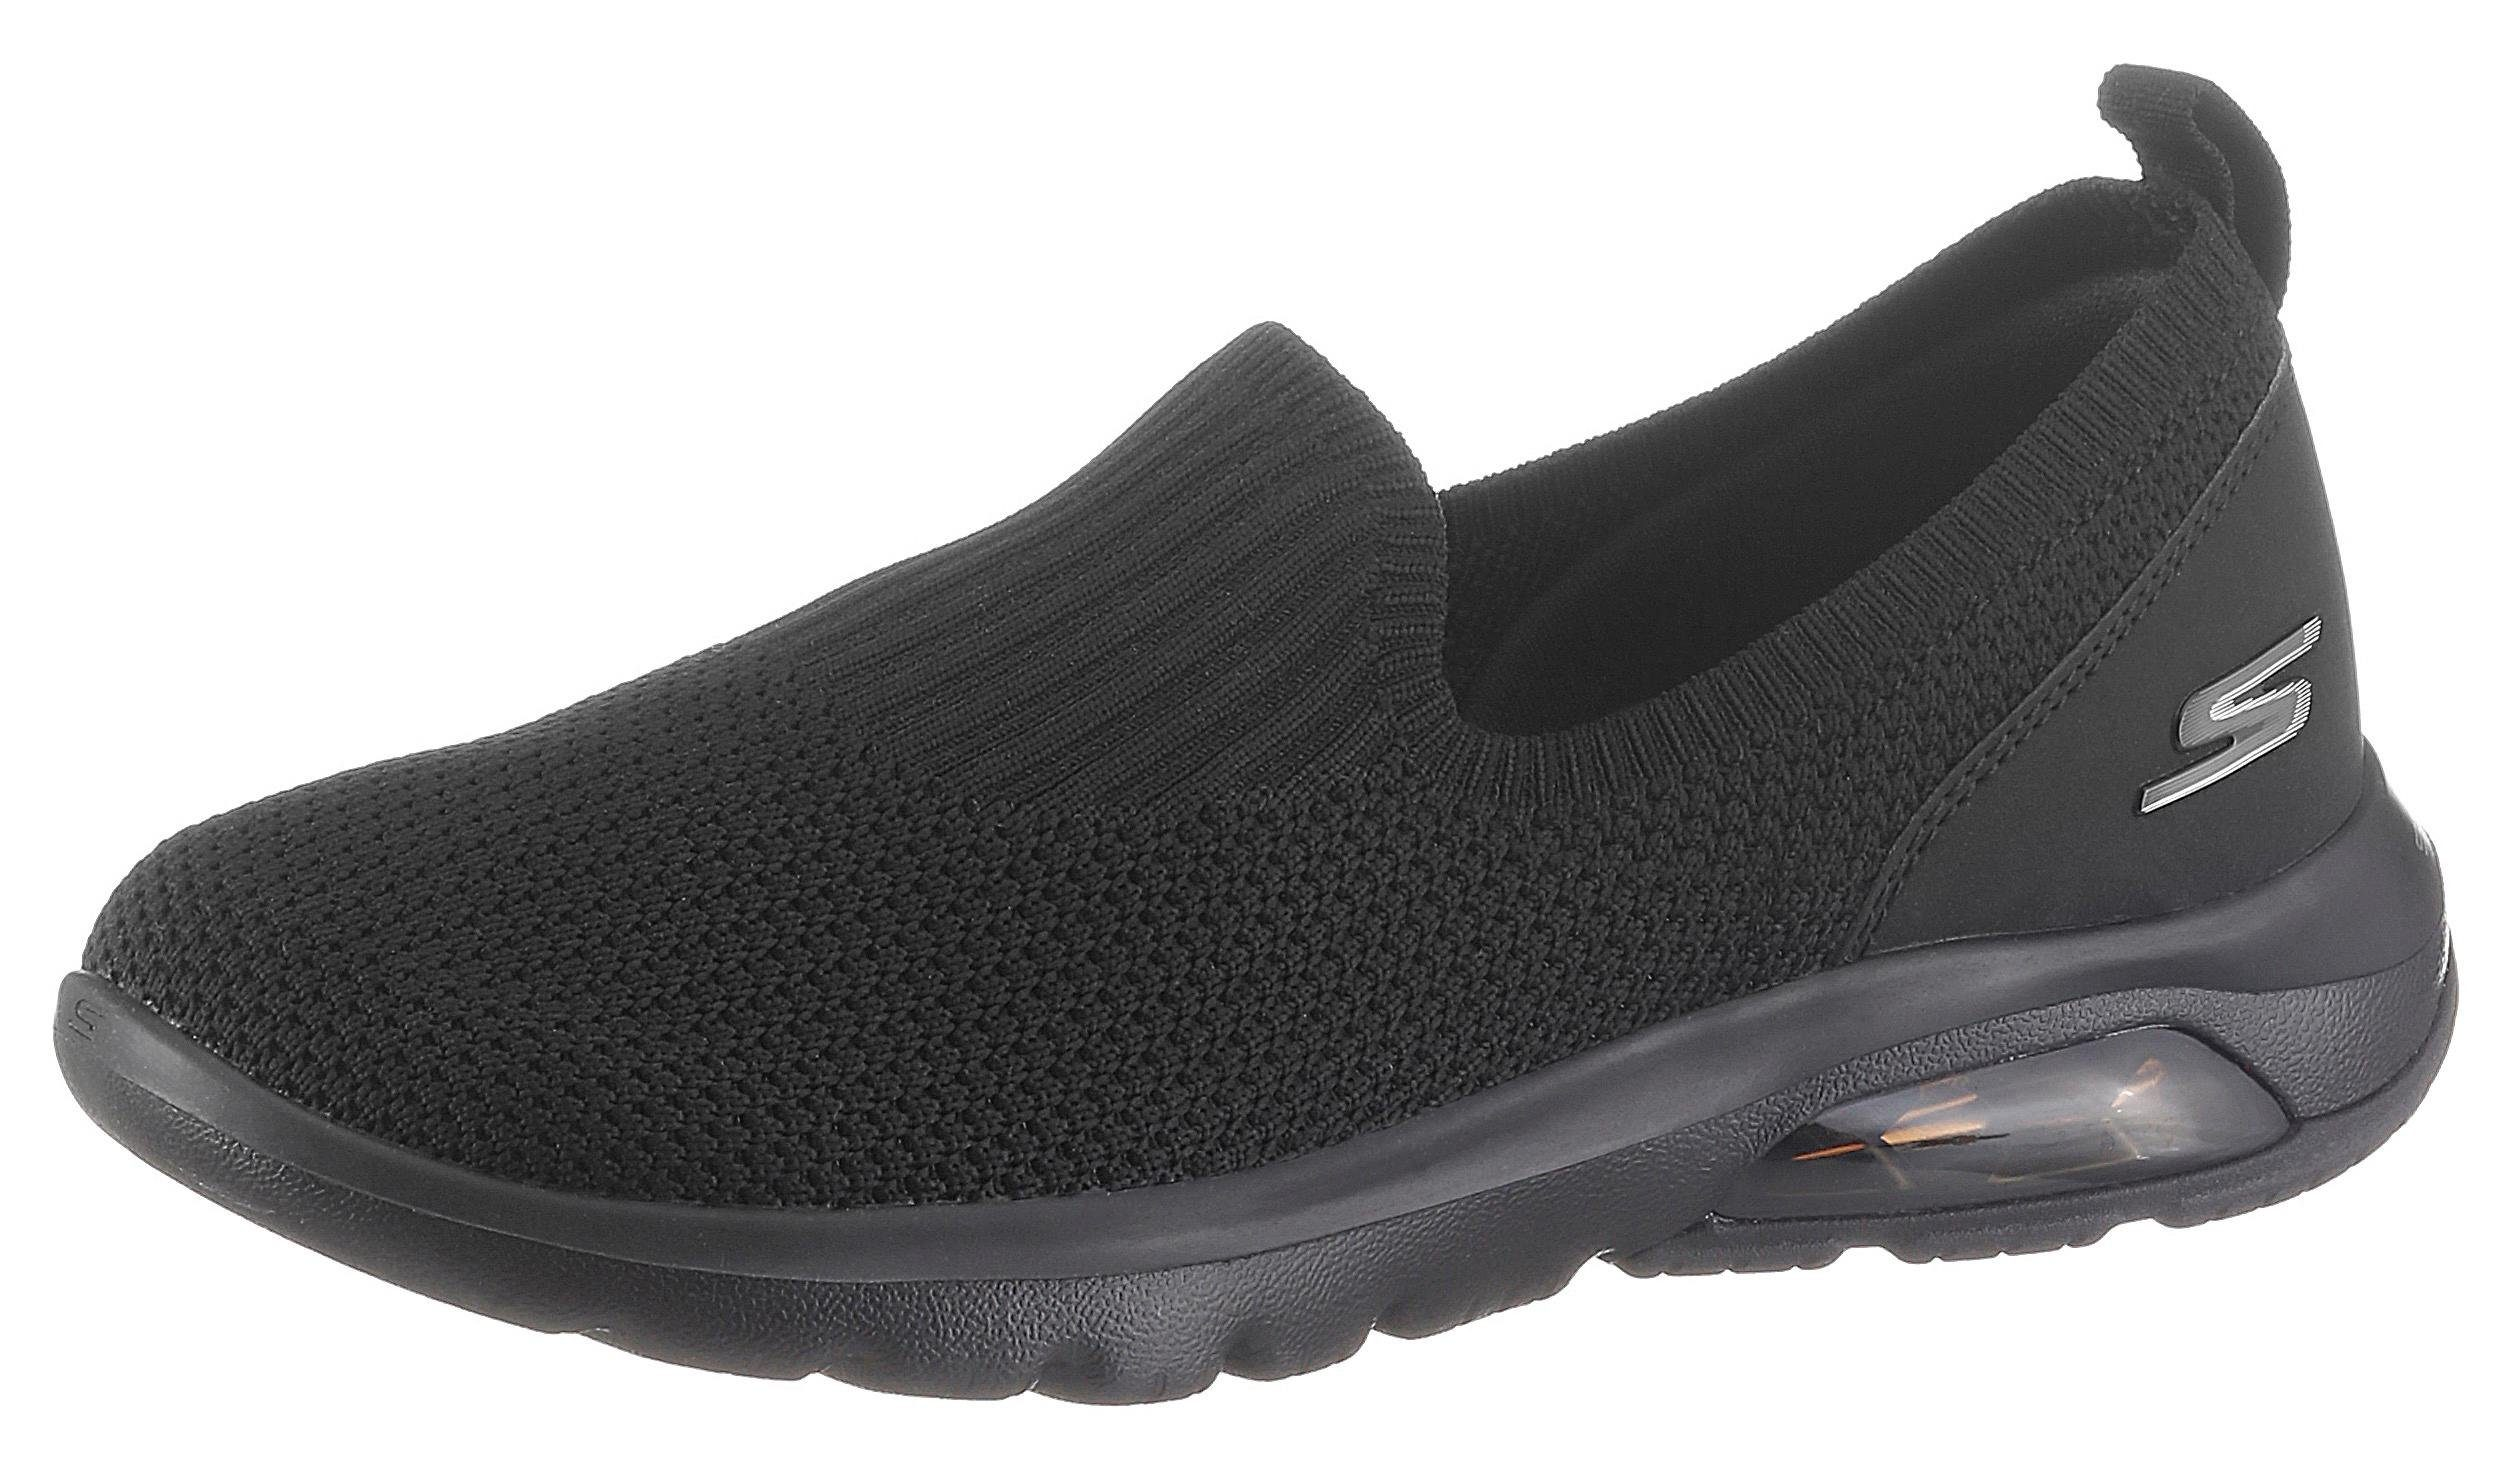 Skechers »Go Walk Joy Fiesta« Slip On Sneaker mit 5Gen Technology online kaufen | OTTO